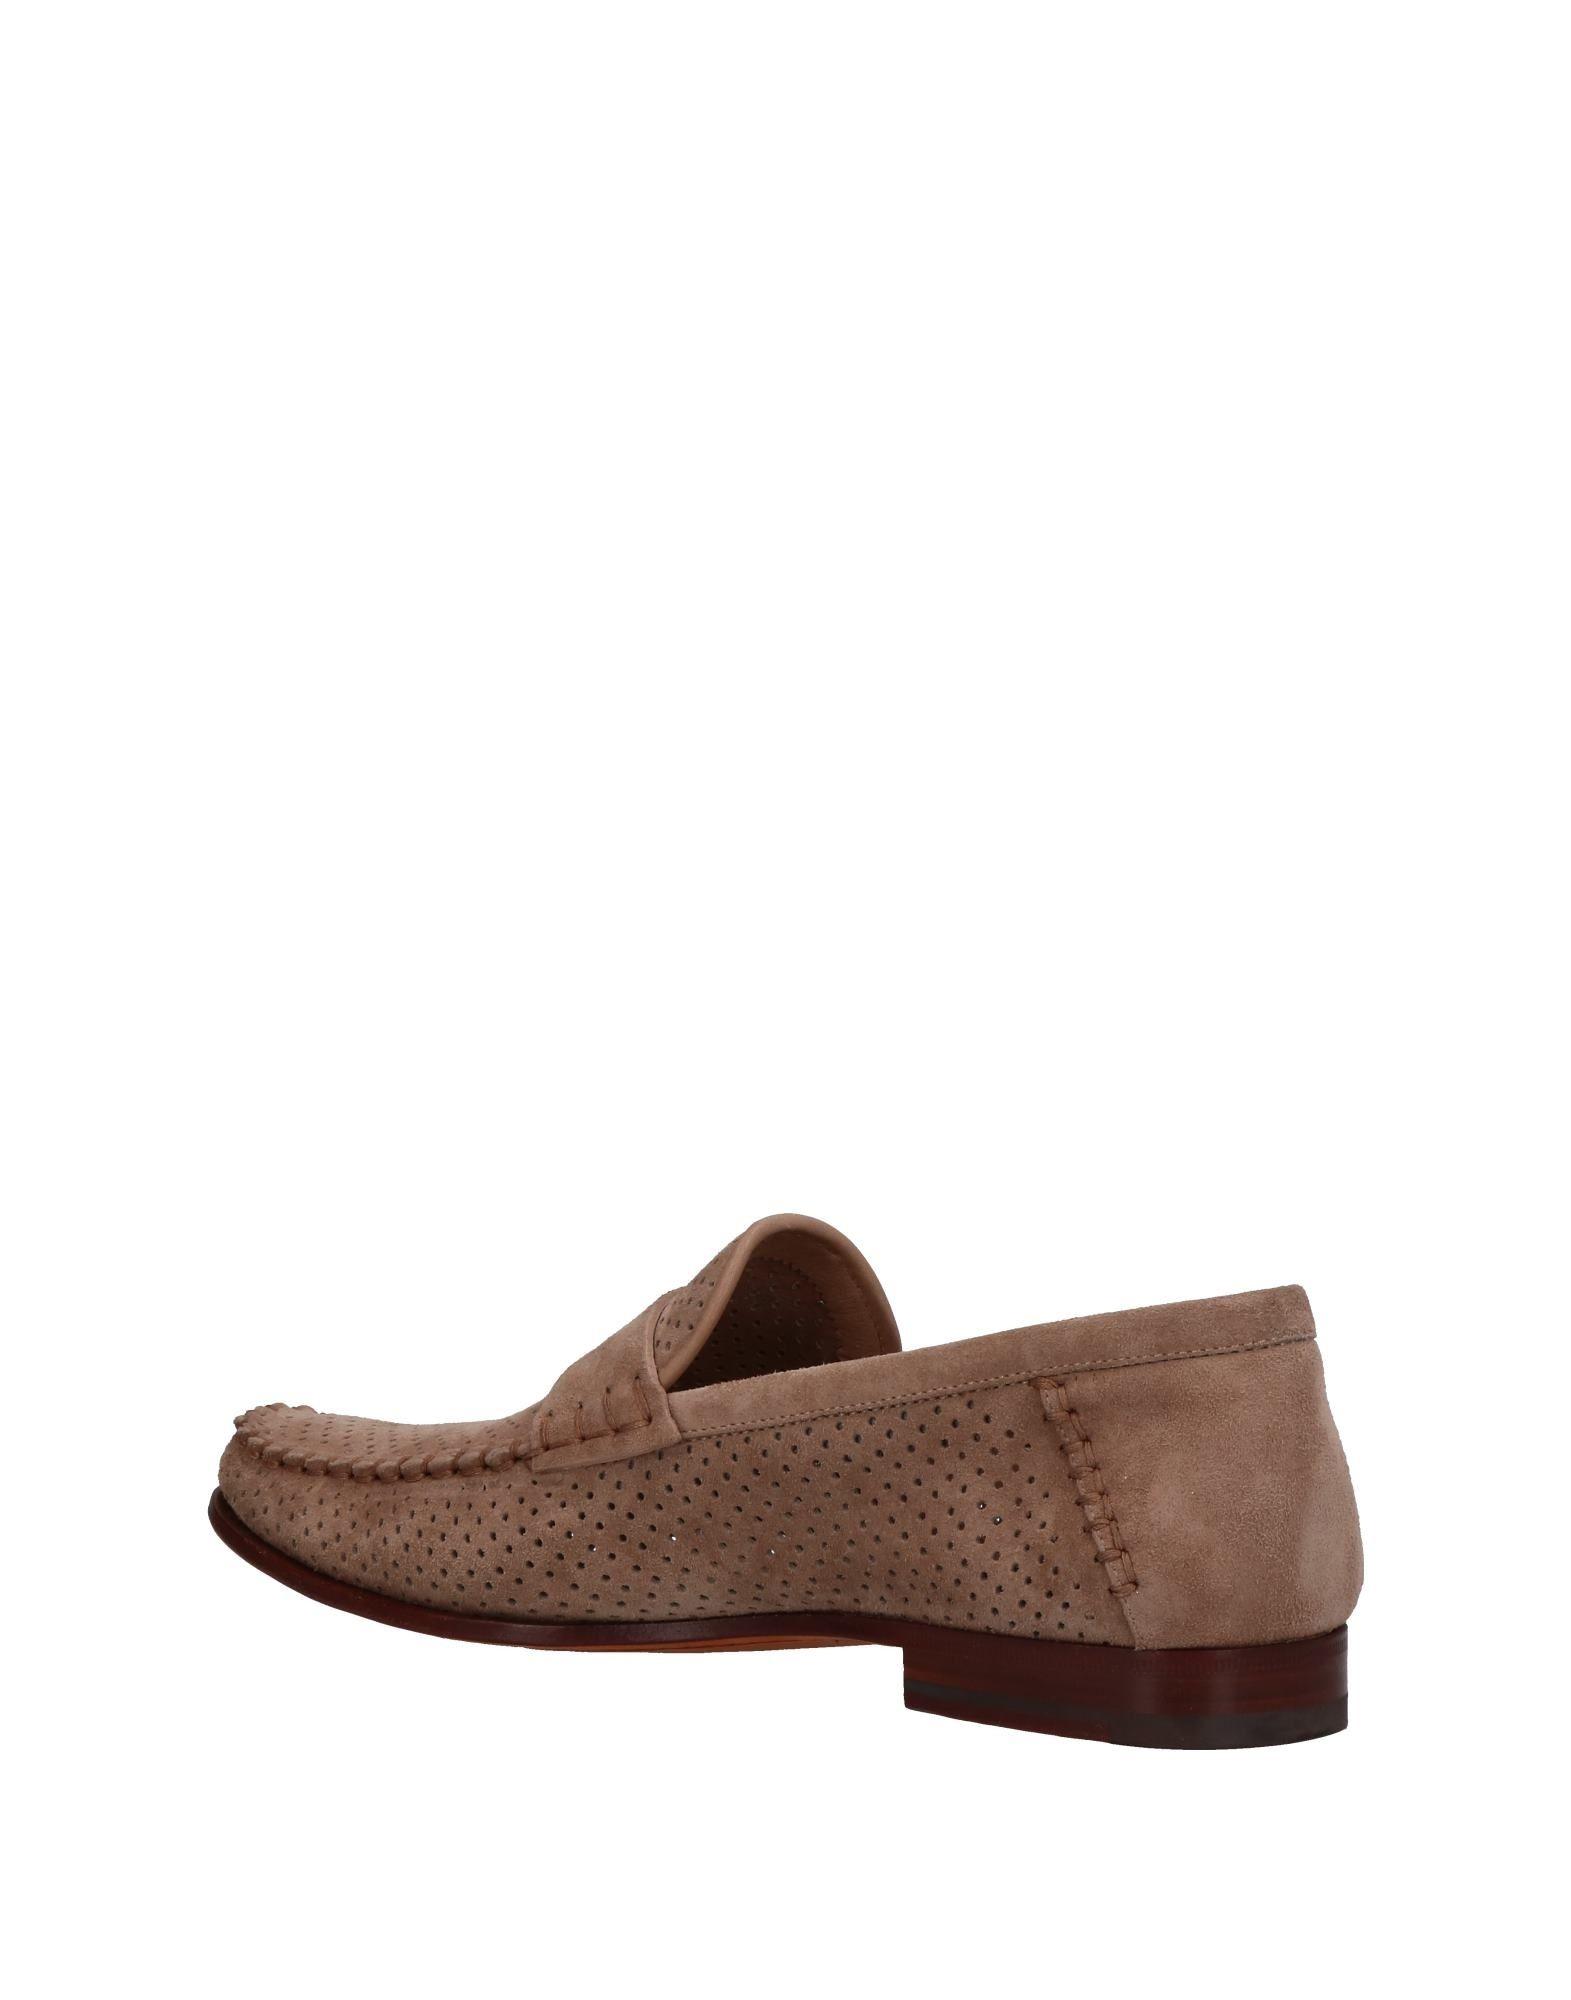 Santoni Mokassins Schuhe Herren  11329999JI Heiße Schuhe Mokassins 856084